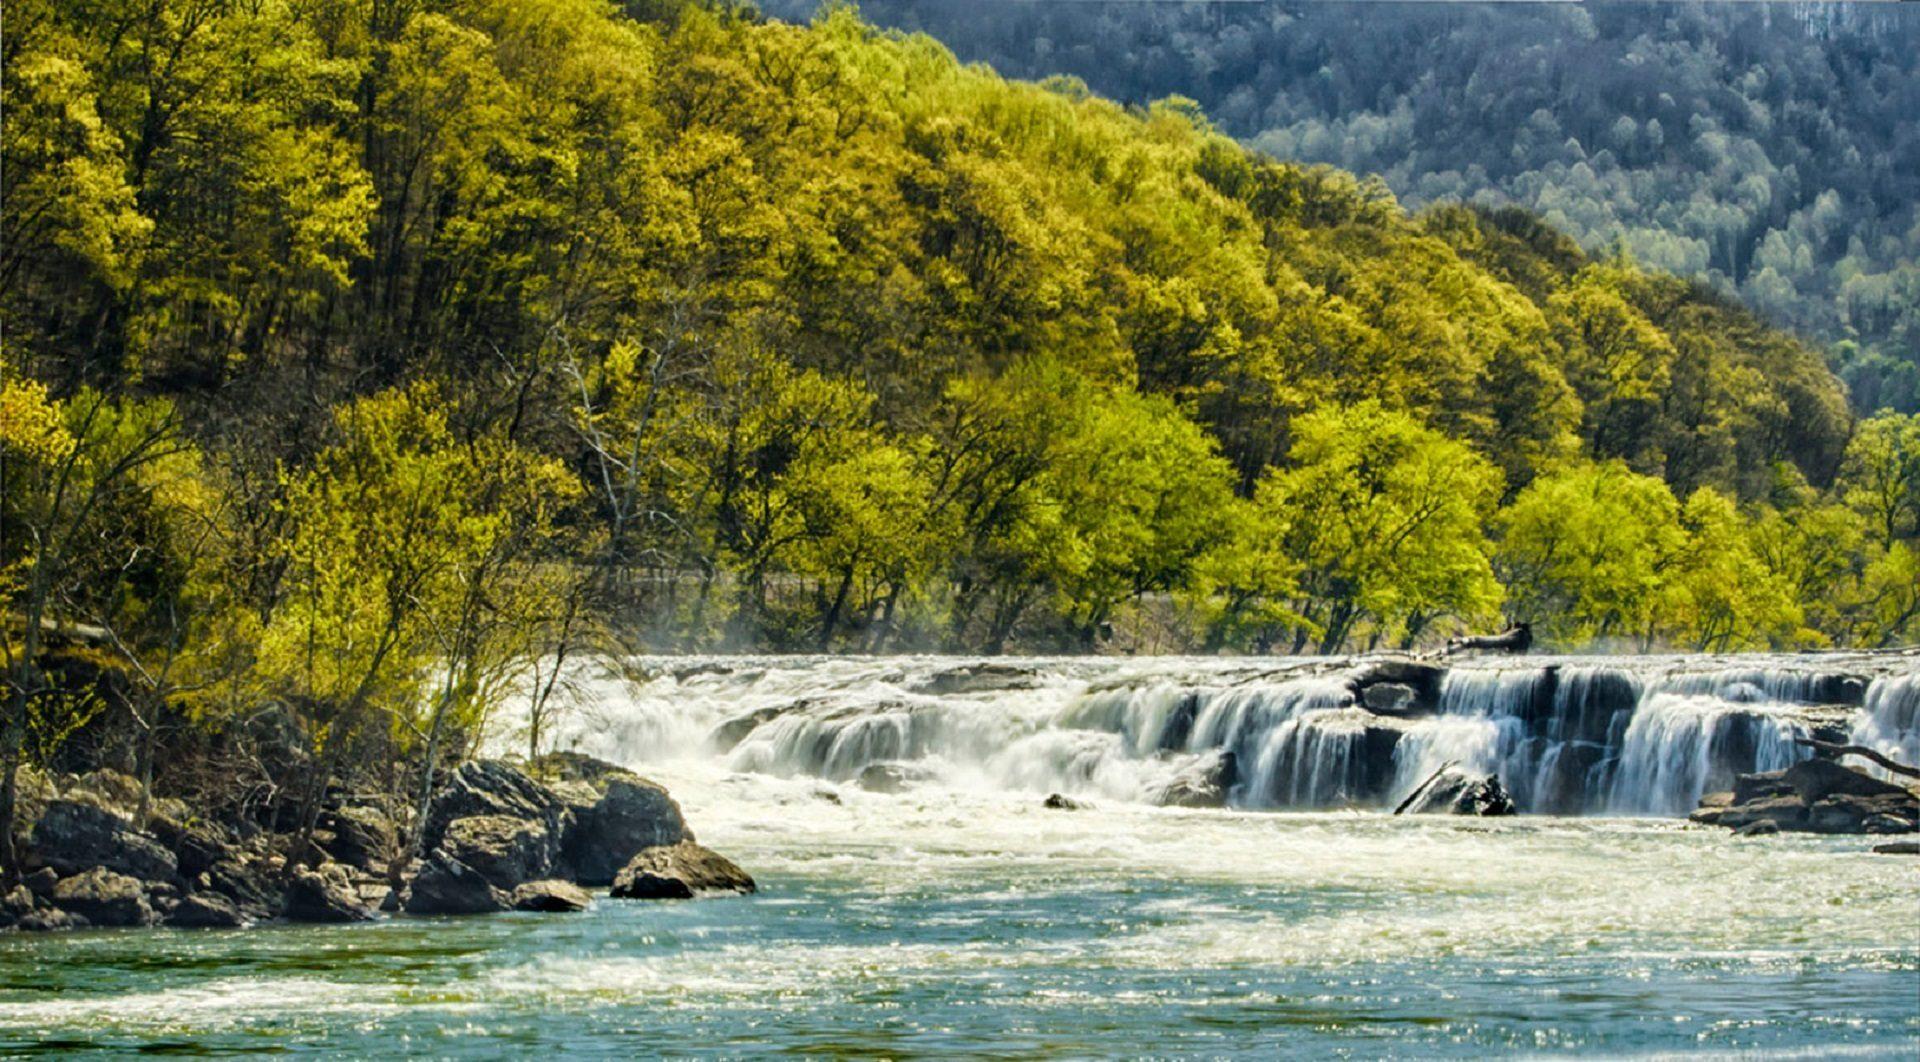 Río, fällt, Wasserfälle, Bäume, Wasser, Sandstein fällt - Wallpaper HD - Prof.-falken.com